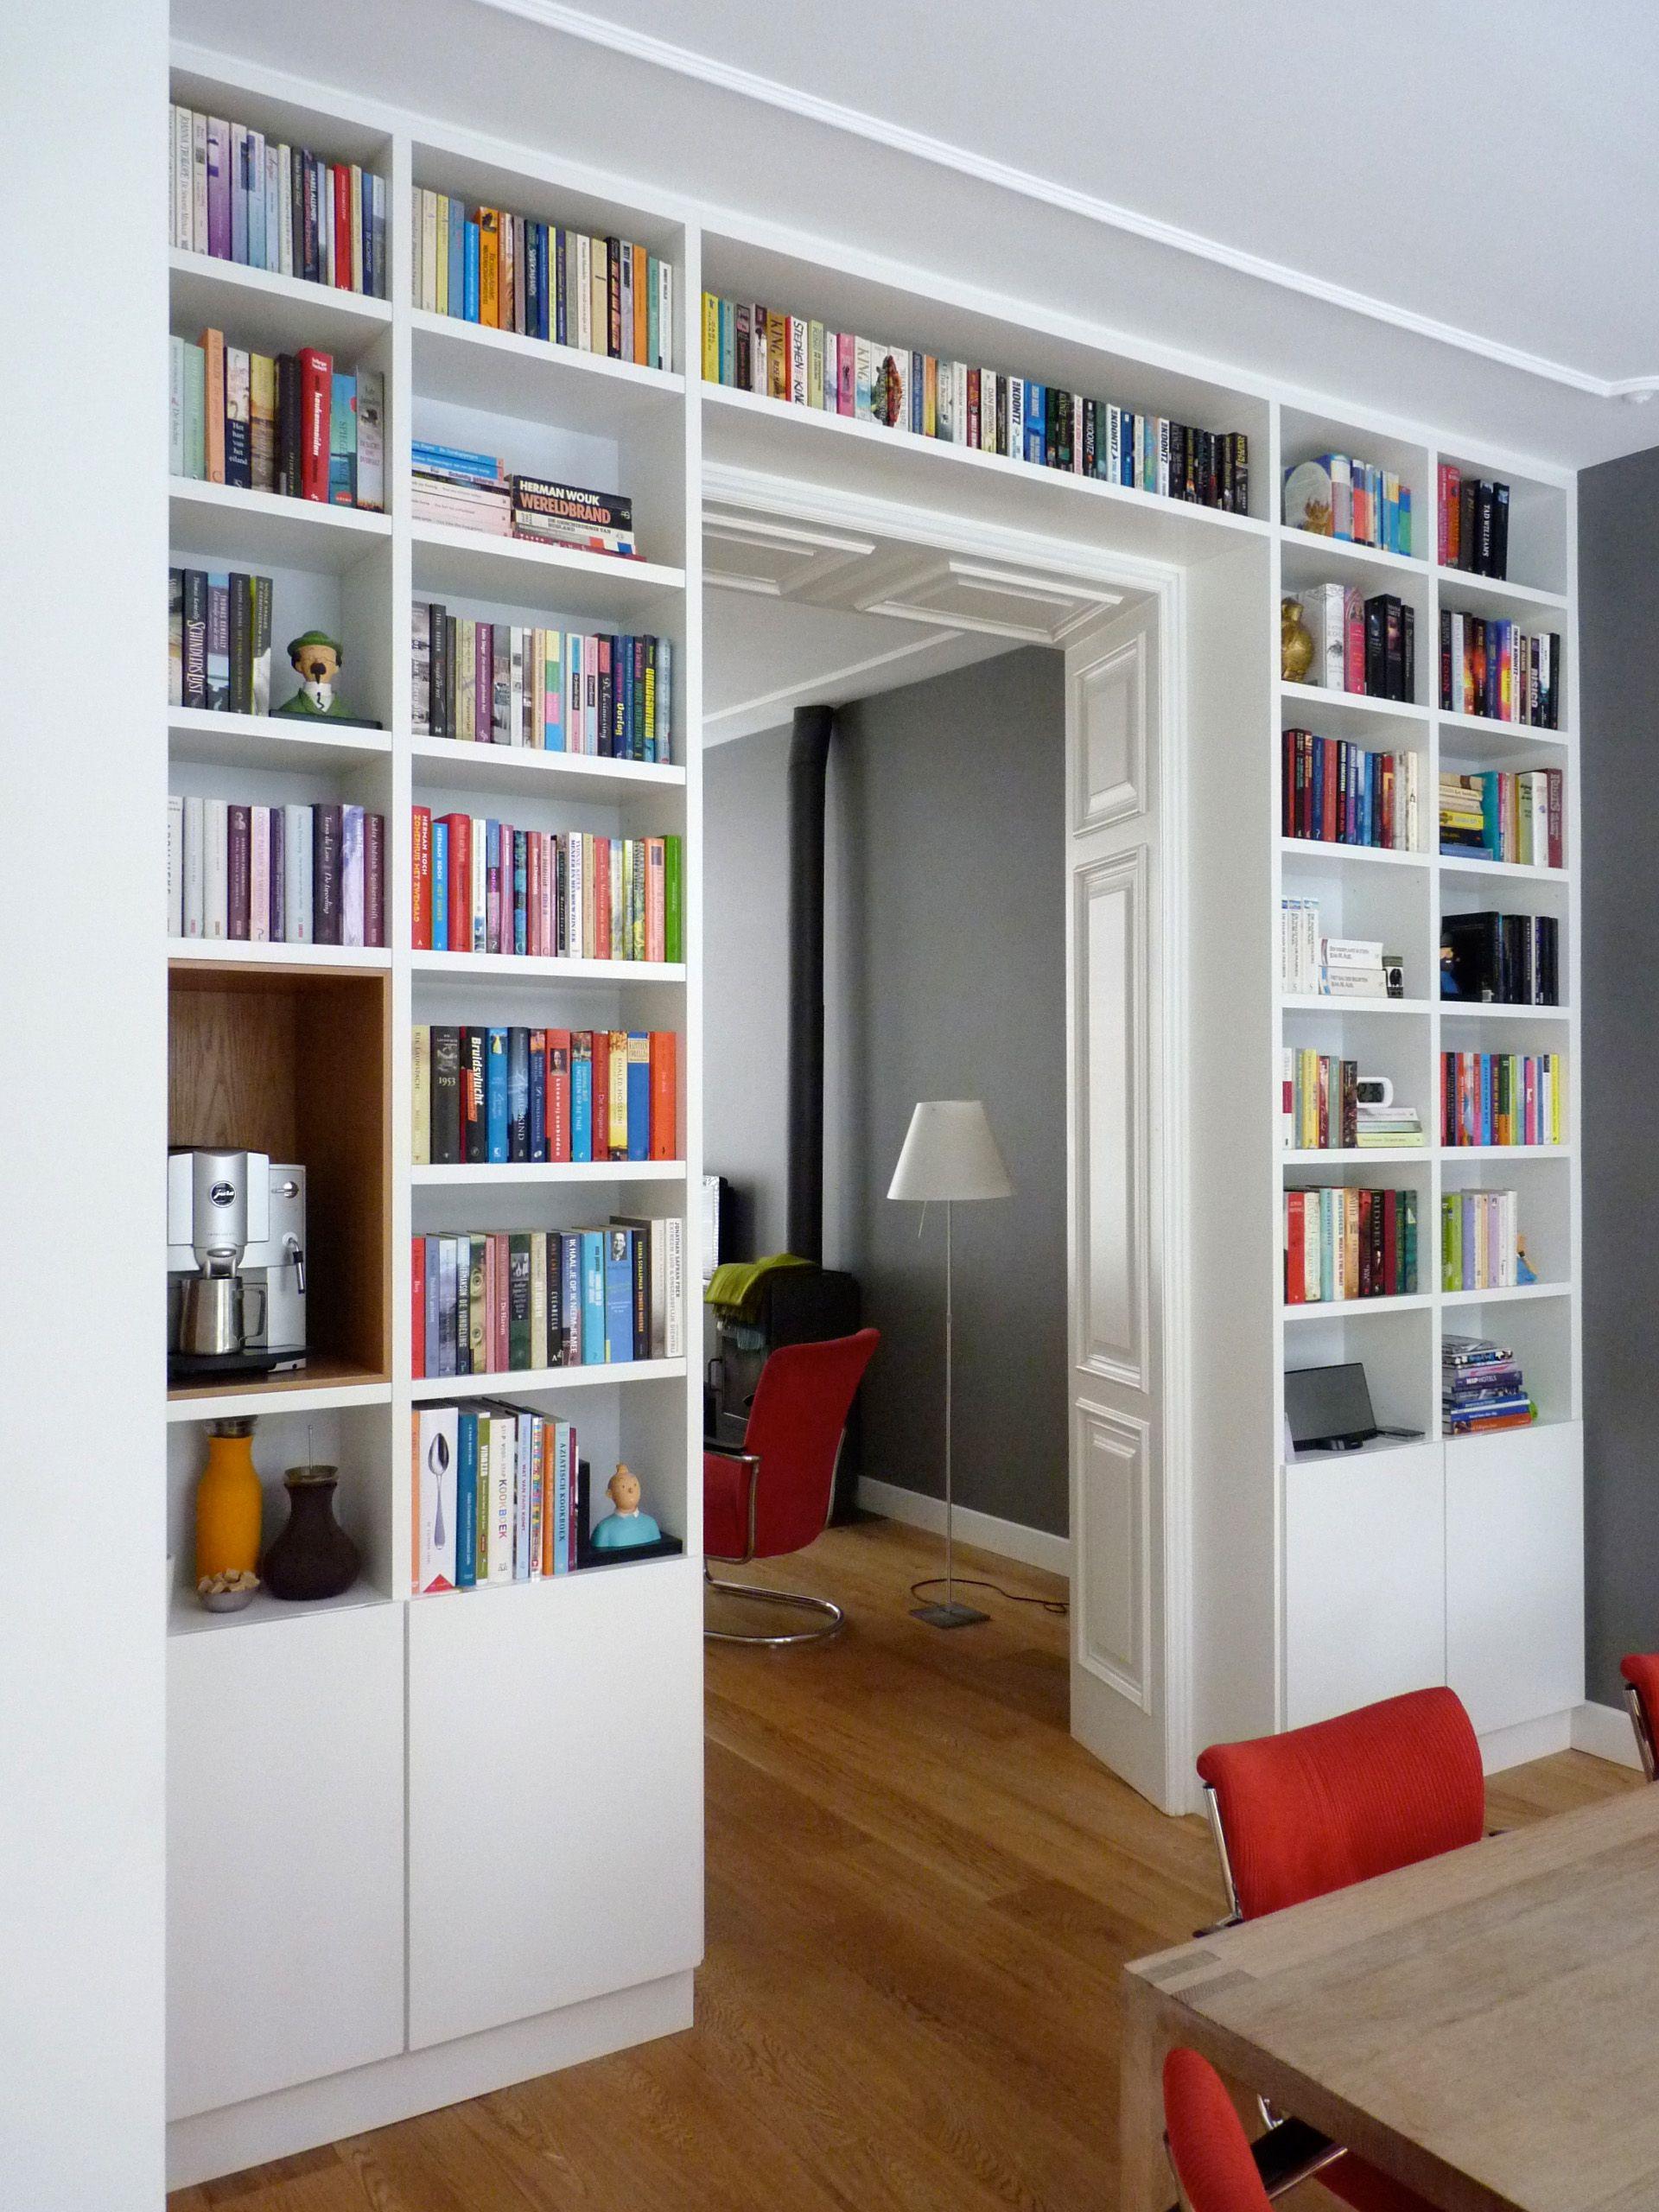 scheiding tussen woonkamer en studiehoek - Google zoeken - Home is ...